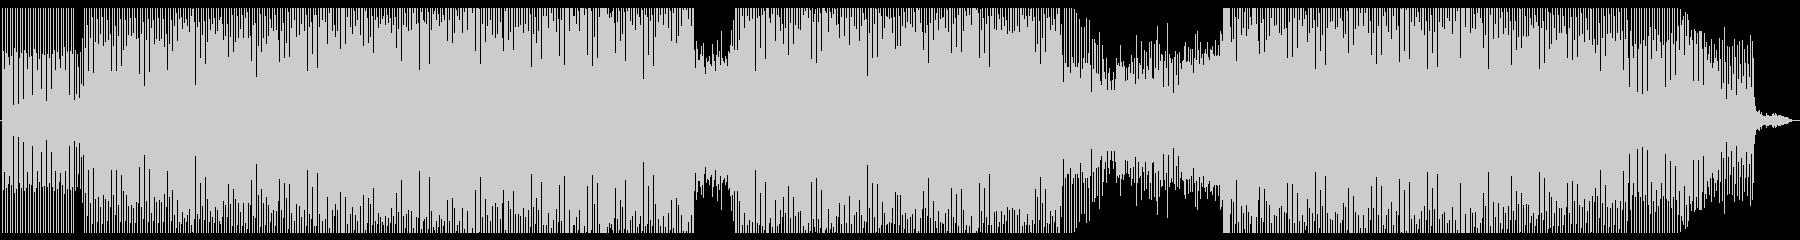 不穏な感じのミニマル・テクノの未再生の波形